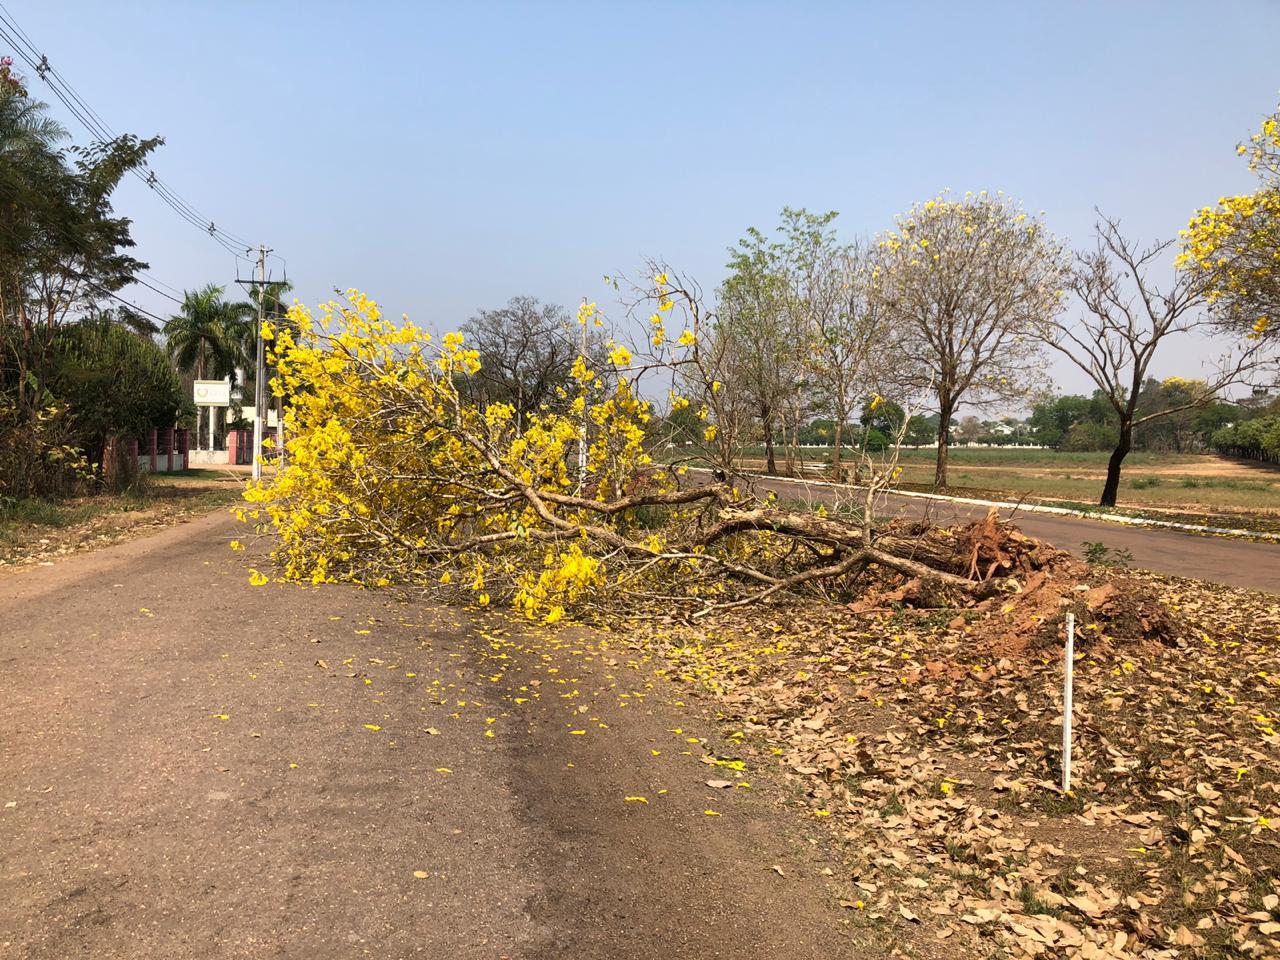 Dezenas de árvores, na maioria ipês floridos, foram derrubados pela prefeitura de Rondonópolis